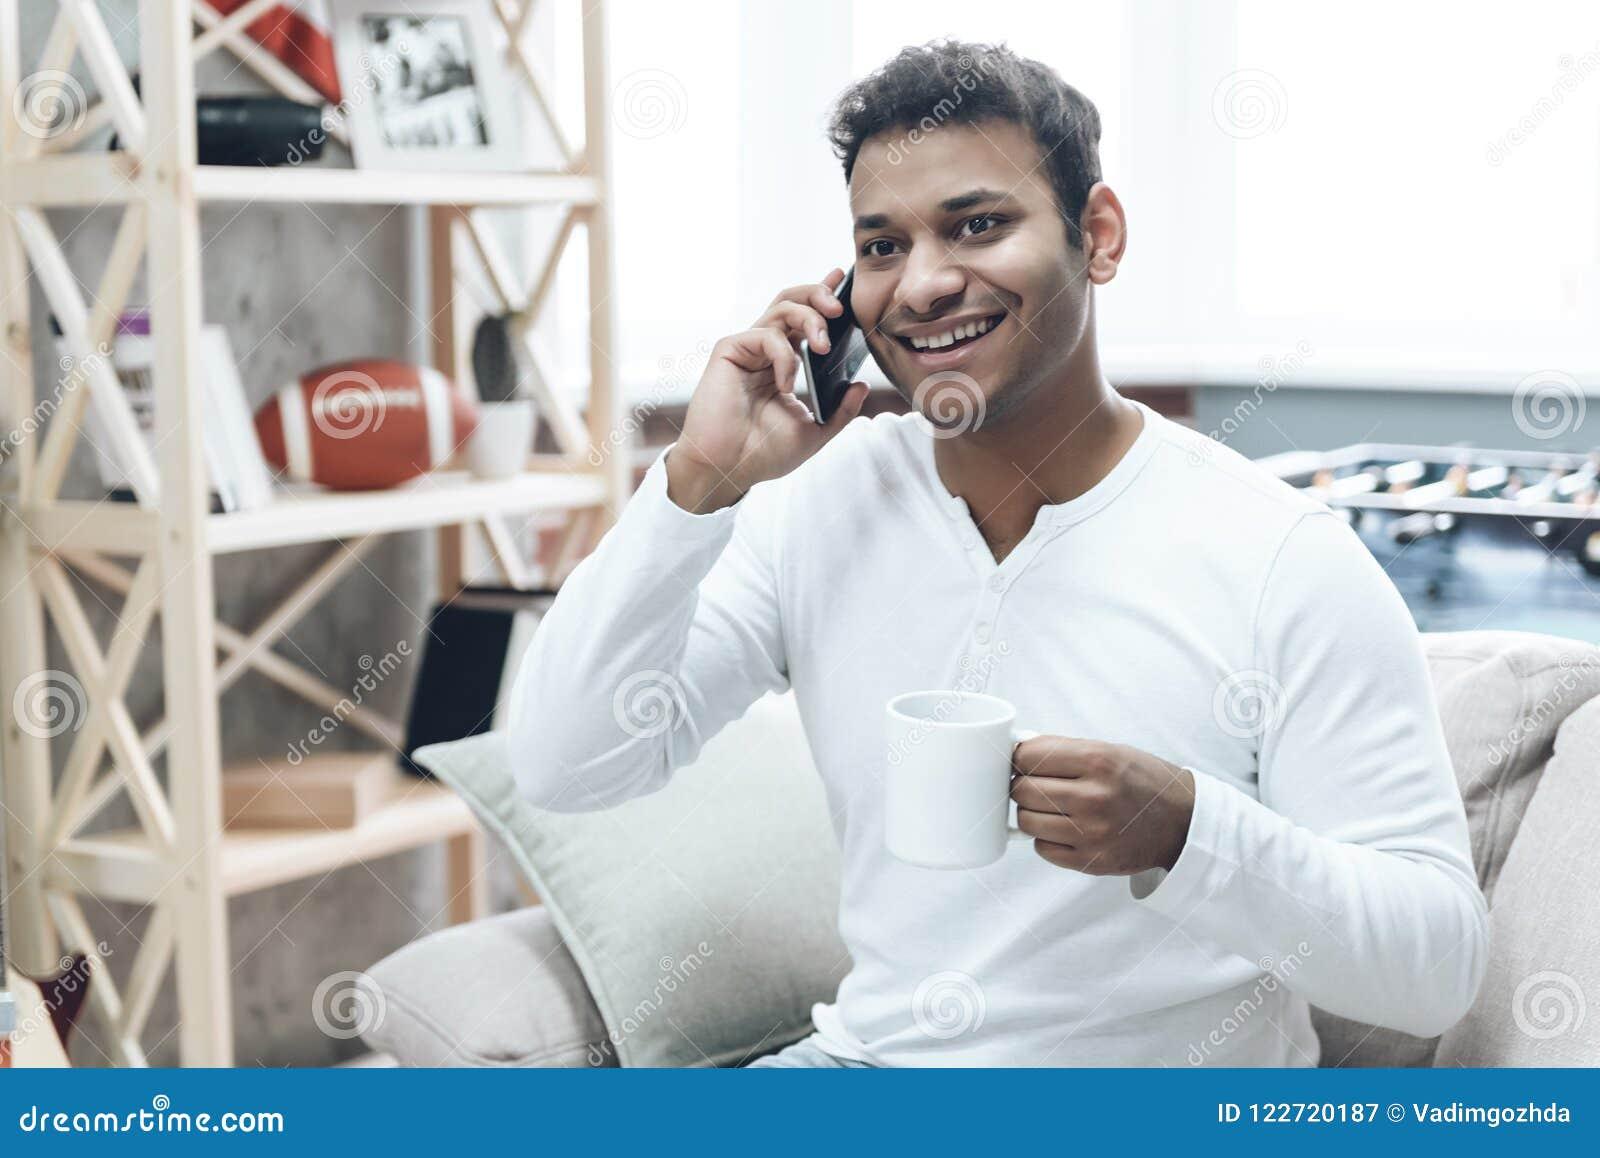 Lächelnder Kerl in der Freizeitbekleidung unter Verwendung des Handys